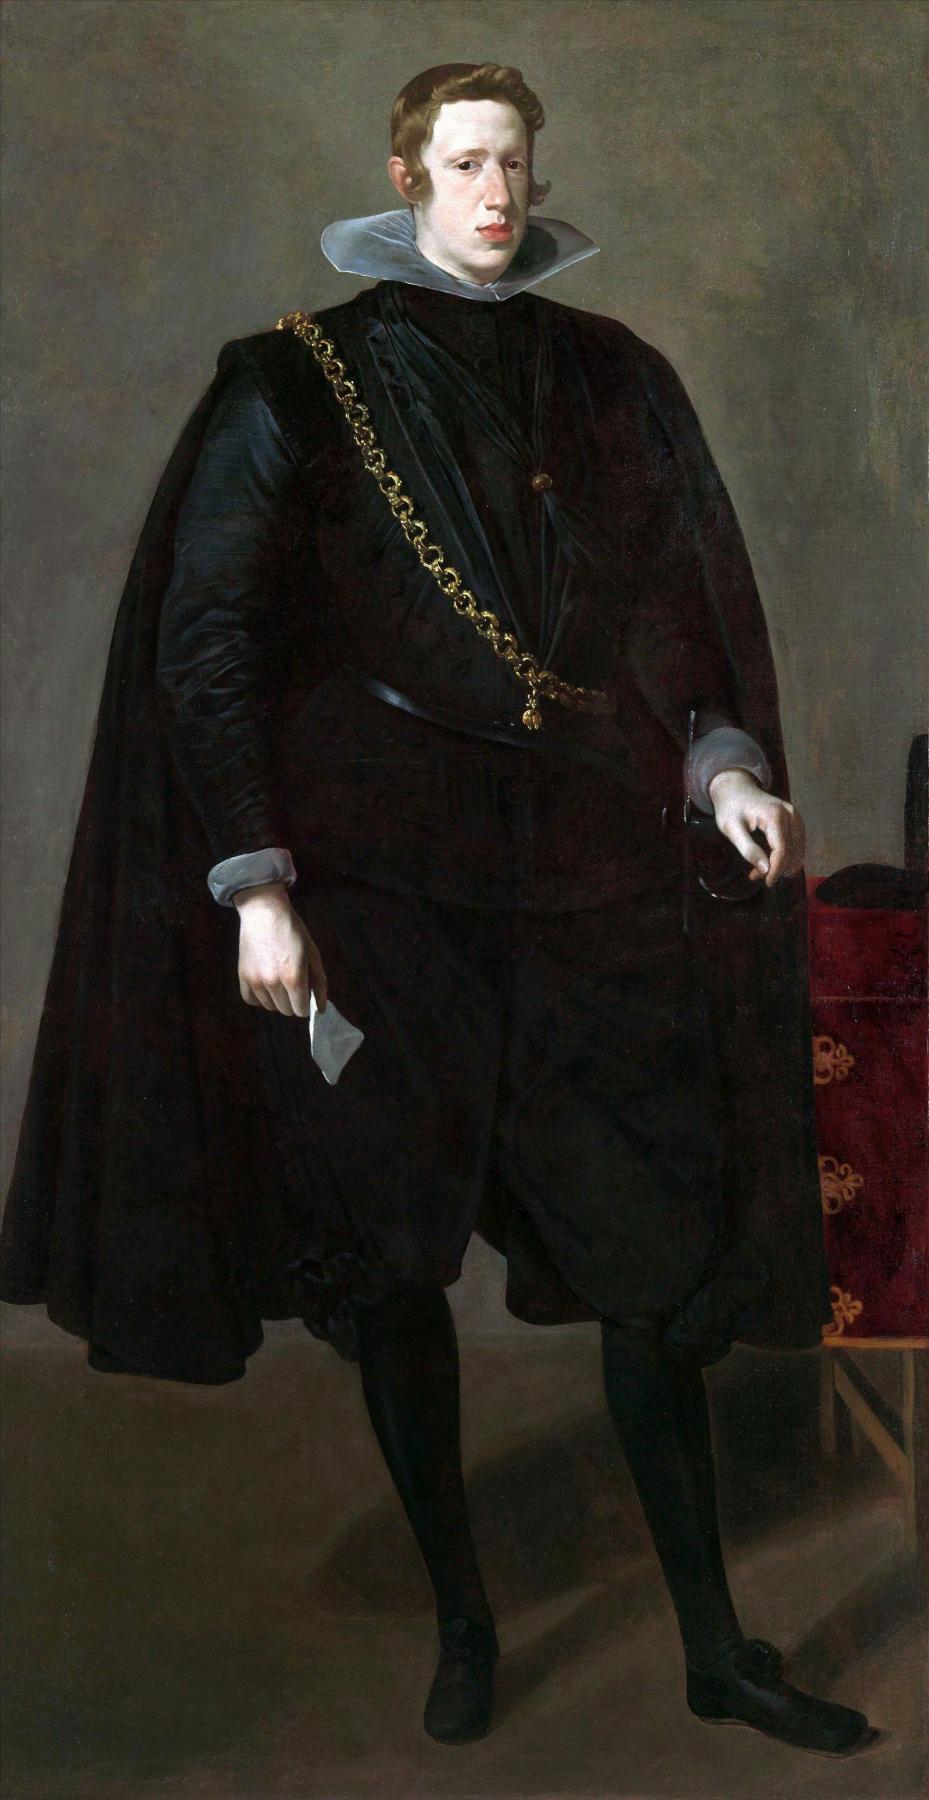 Diego Velazquez. Portrait of Philip IV